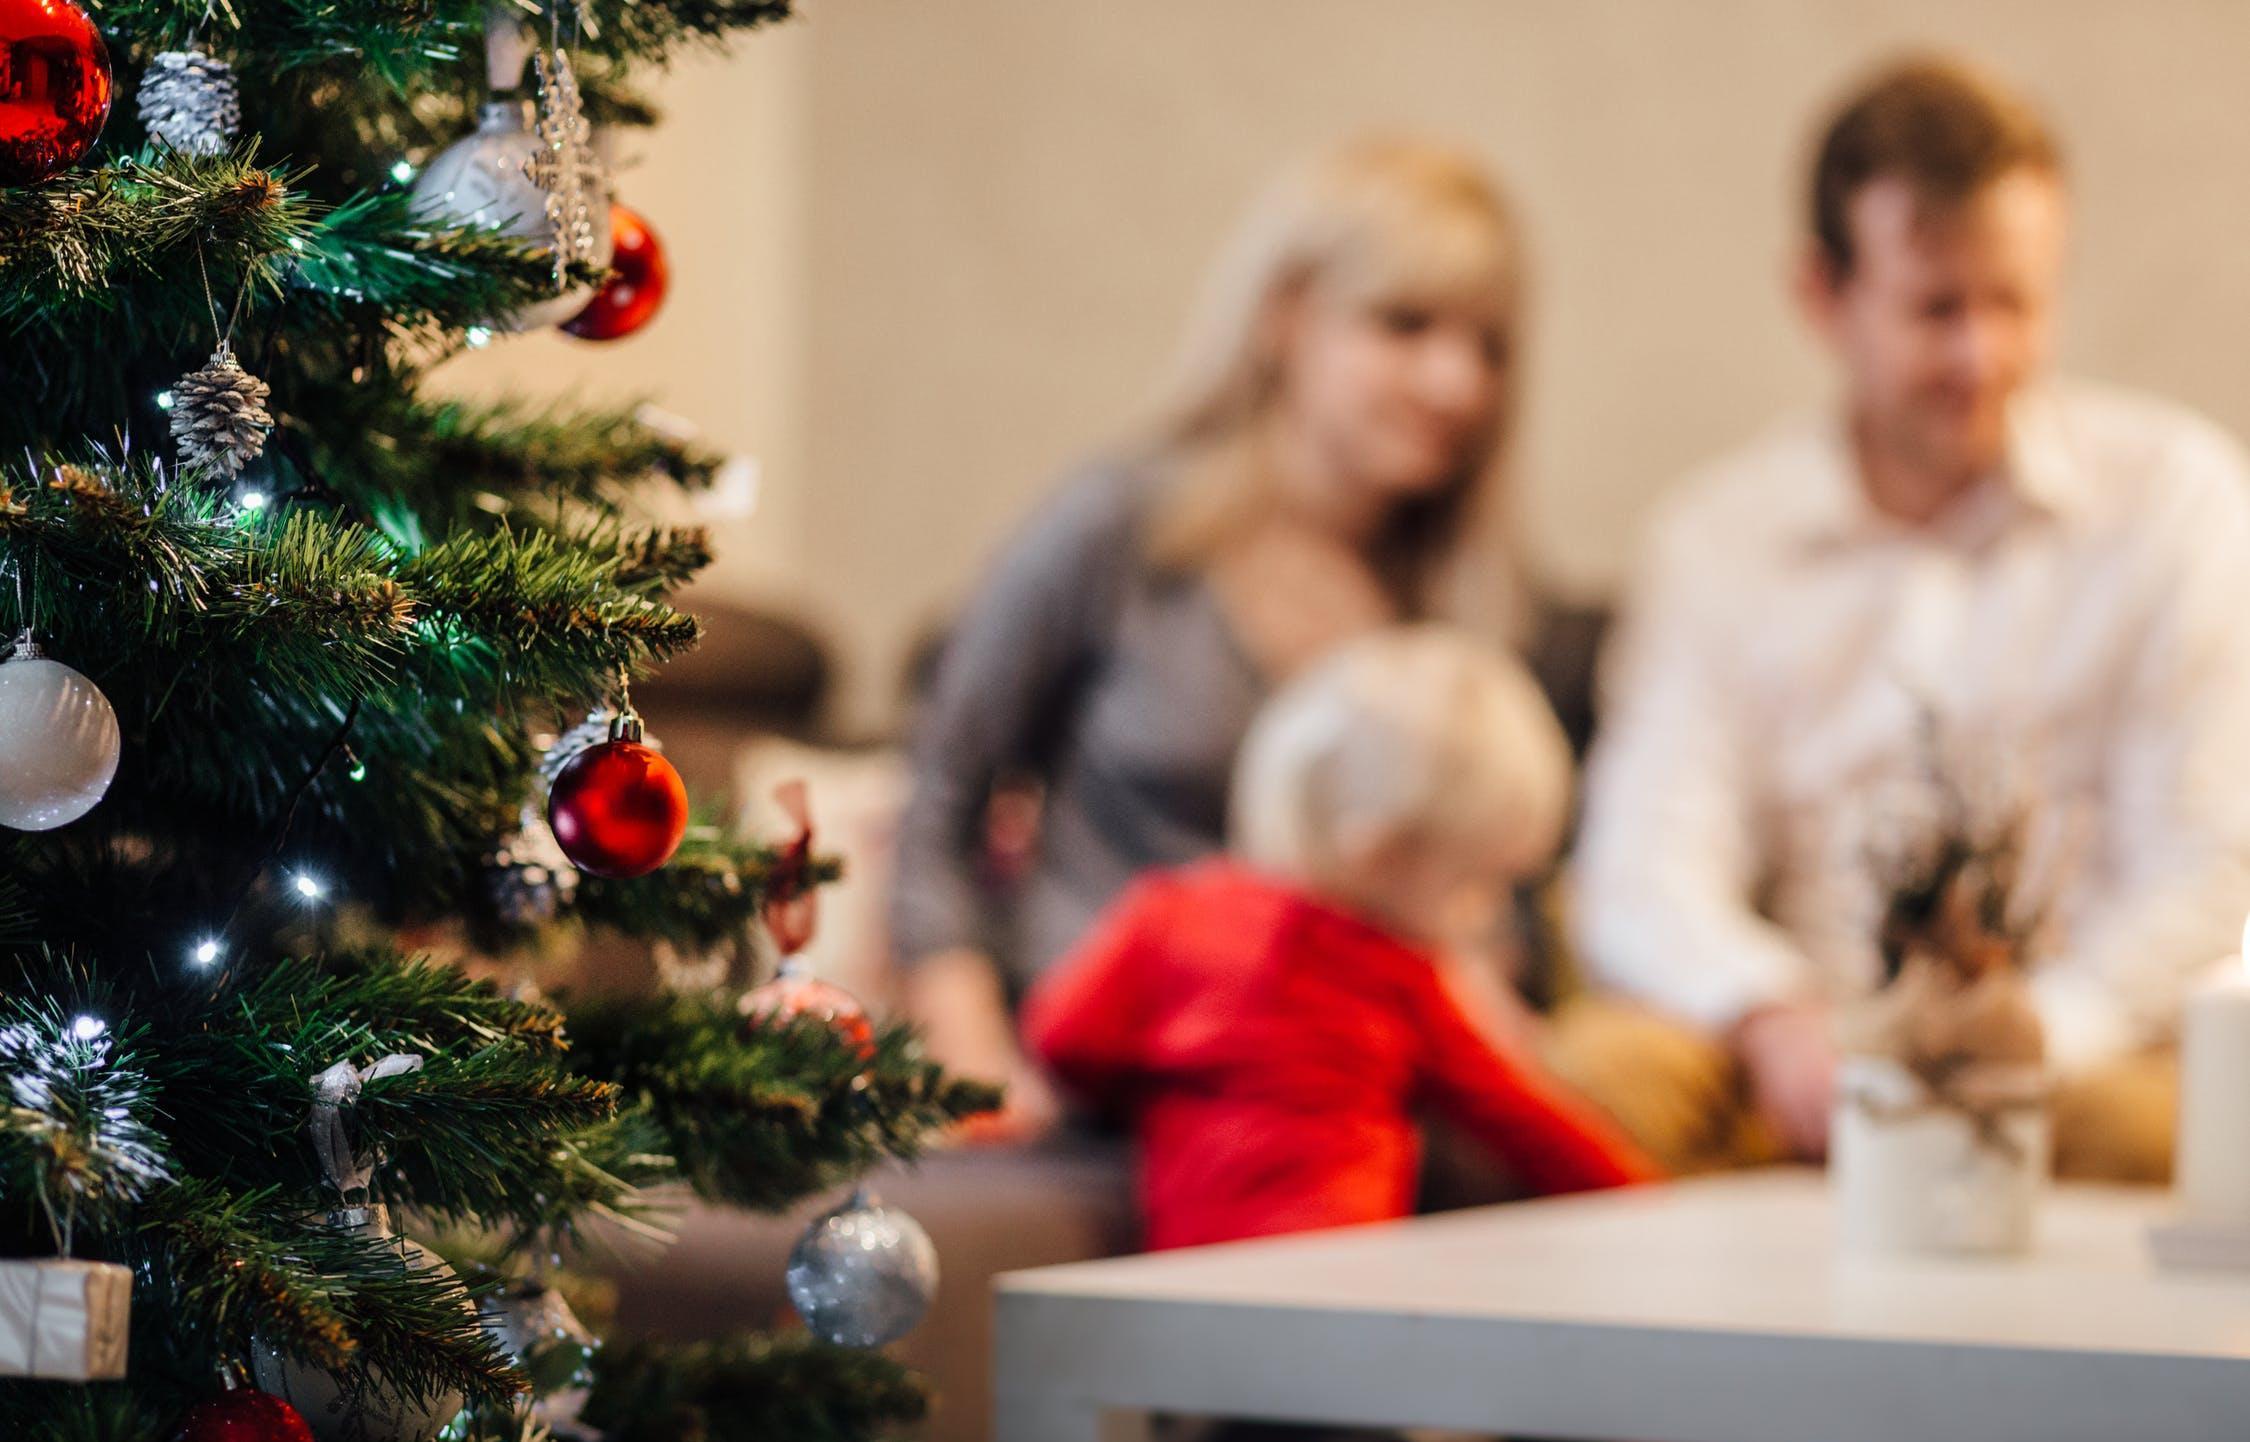 Выплаты на детей от 3 до 7 лет: кто получит 5, 8 и 11 тысяч рублей - новости Афанасий